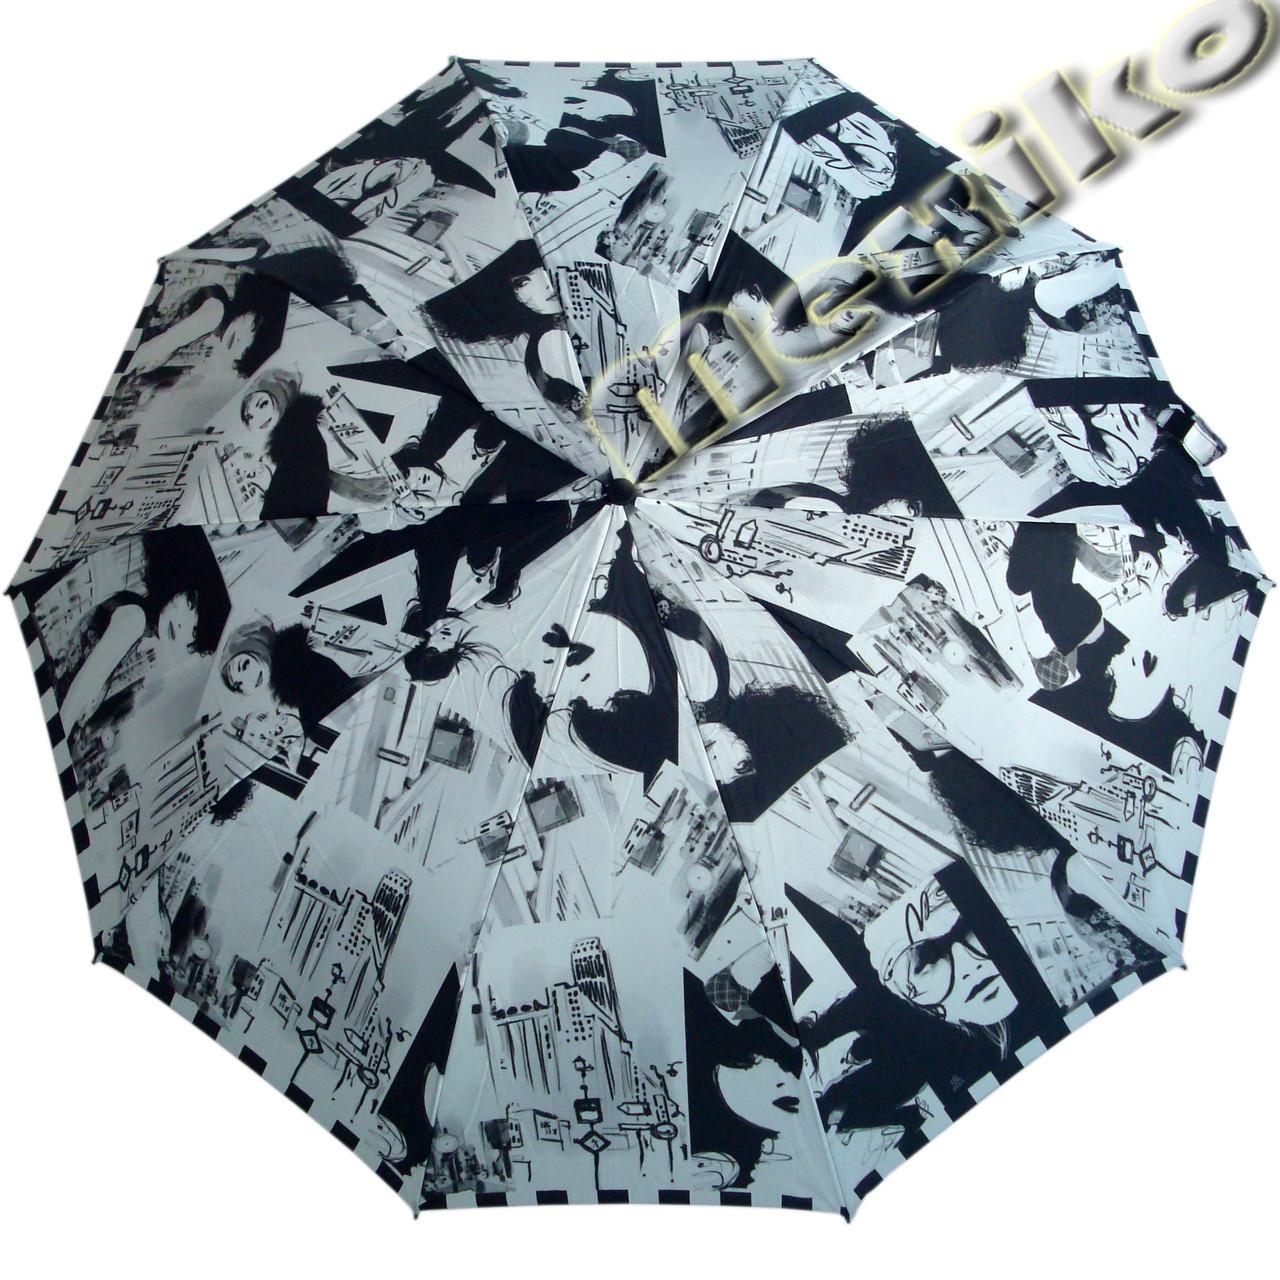 Зонт ZEST, полный автомат серия 10 спиц, расцветка Фото-стиль